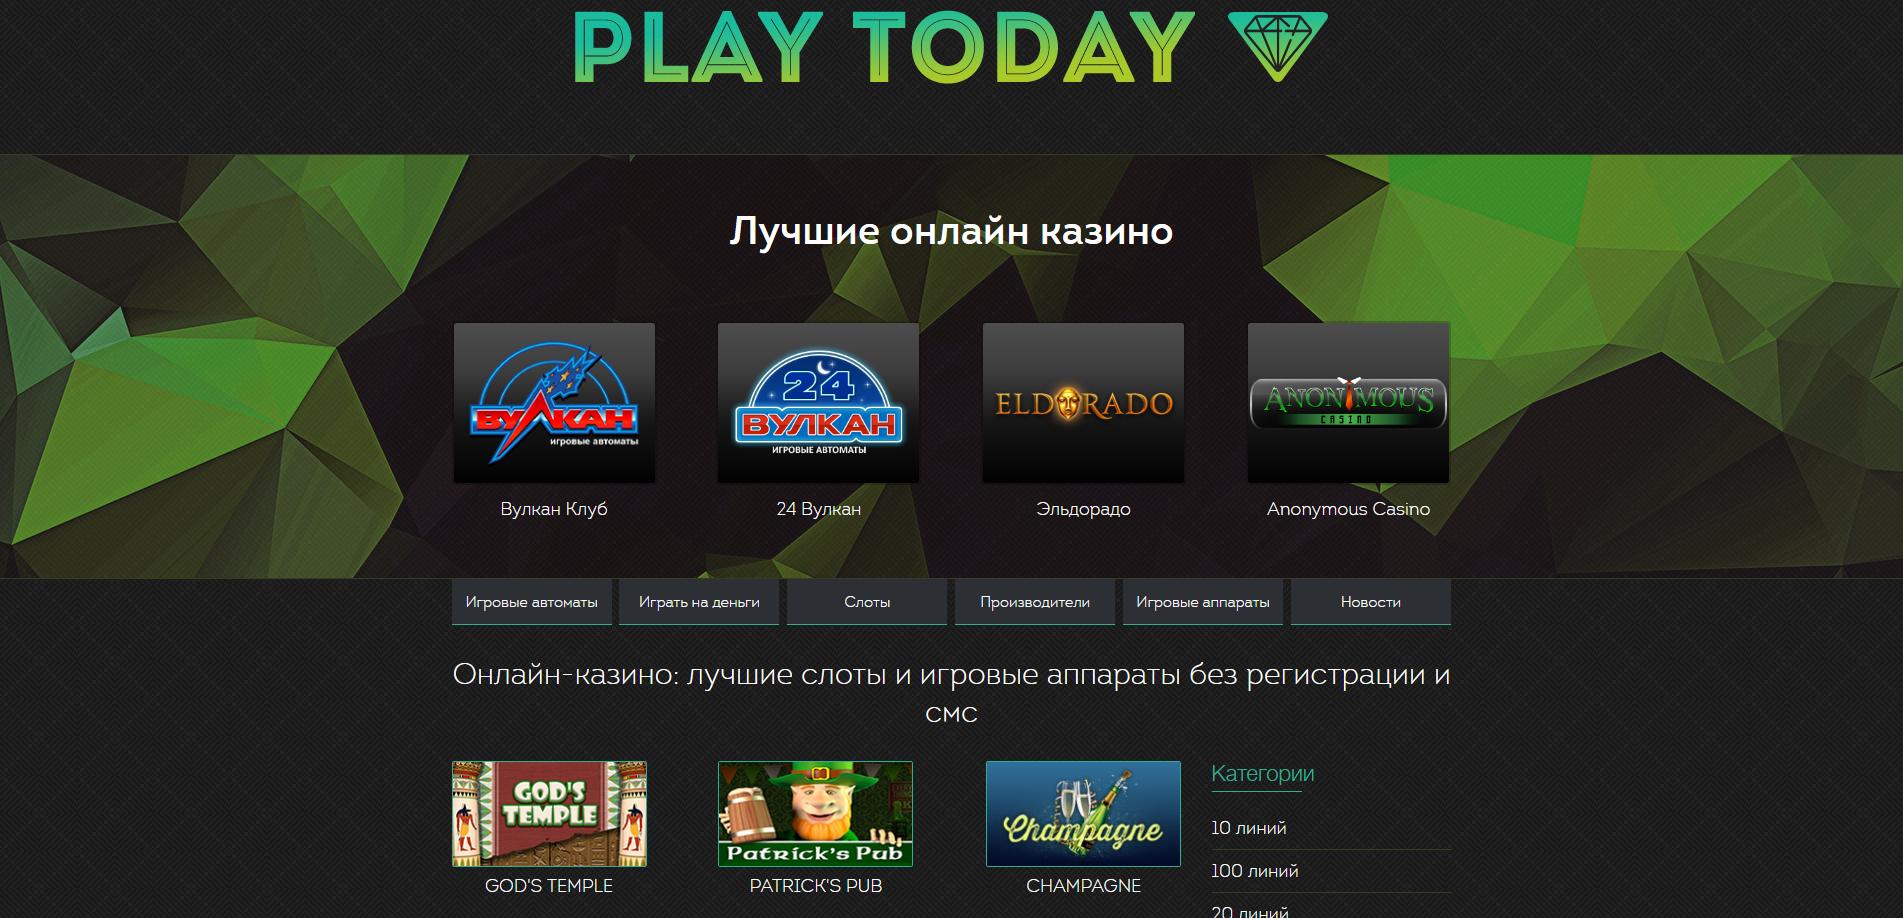 Казино вбеларусии онлайн игровые автоматы список грязых интернет казино